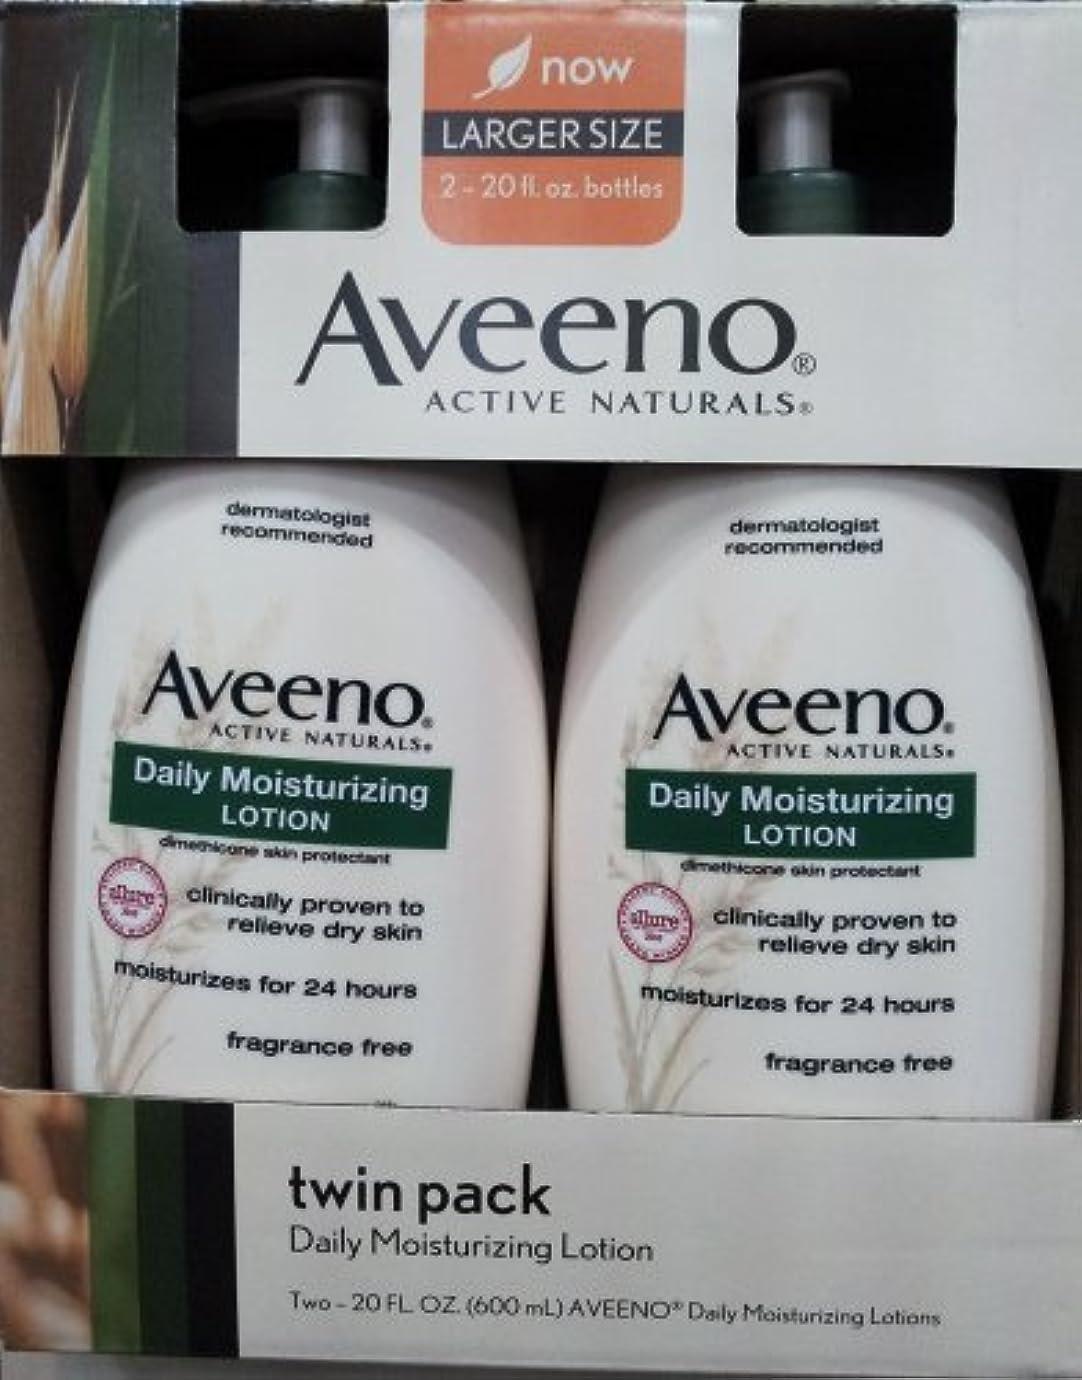 子羊療法時系列Aveeno Active Naturals Daily Moisturizing Lotion, NEW 2 pack of 20 FL oz Pump [並行輸入品]